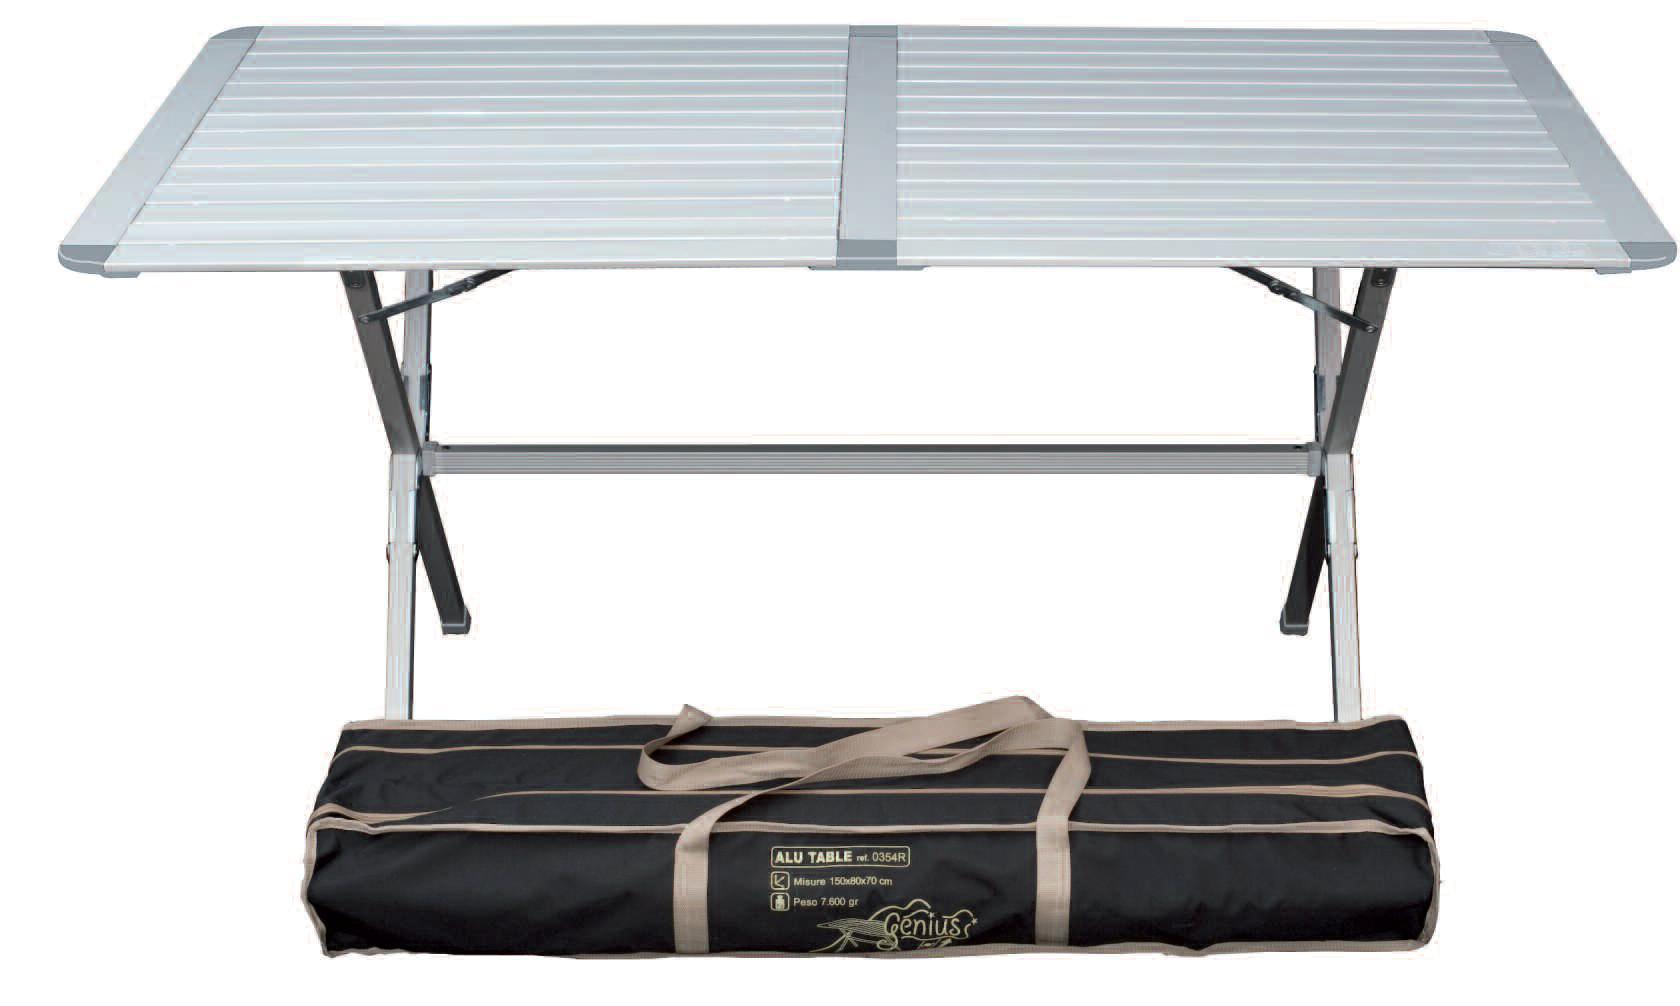 Stabiler Alu Campingtisch Genius mit rollbarer Tischplatte